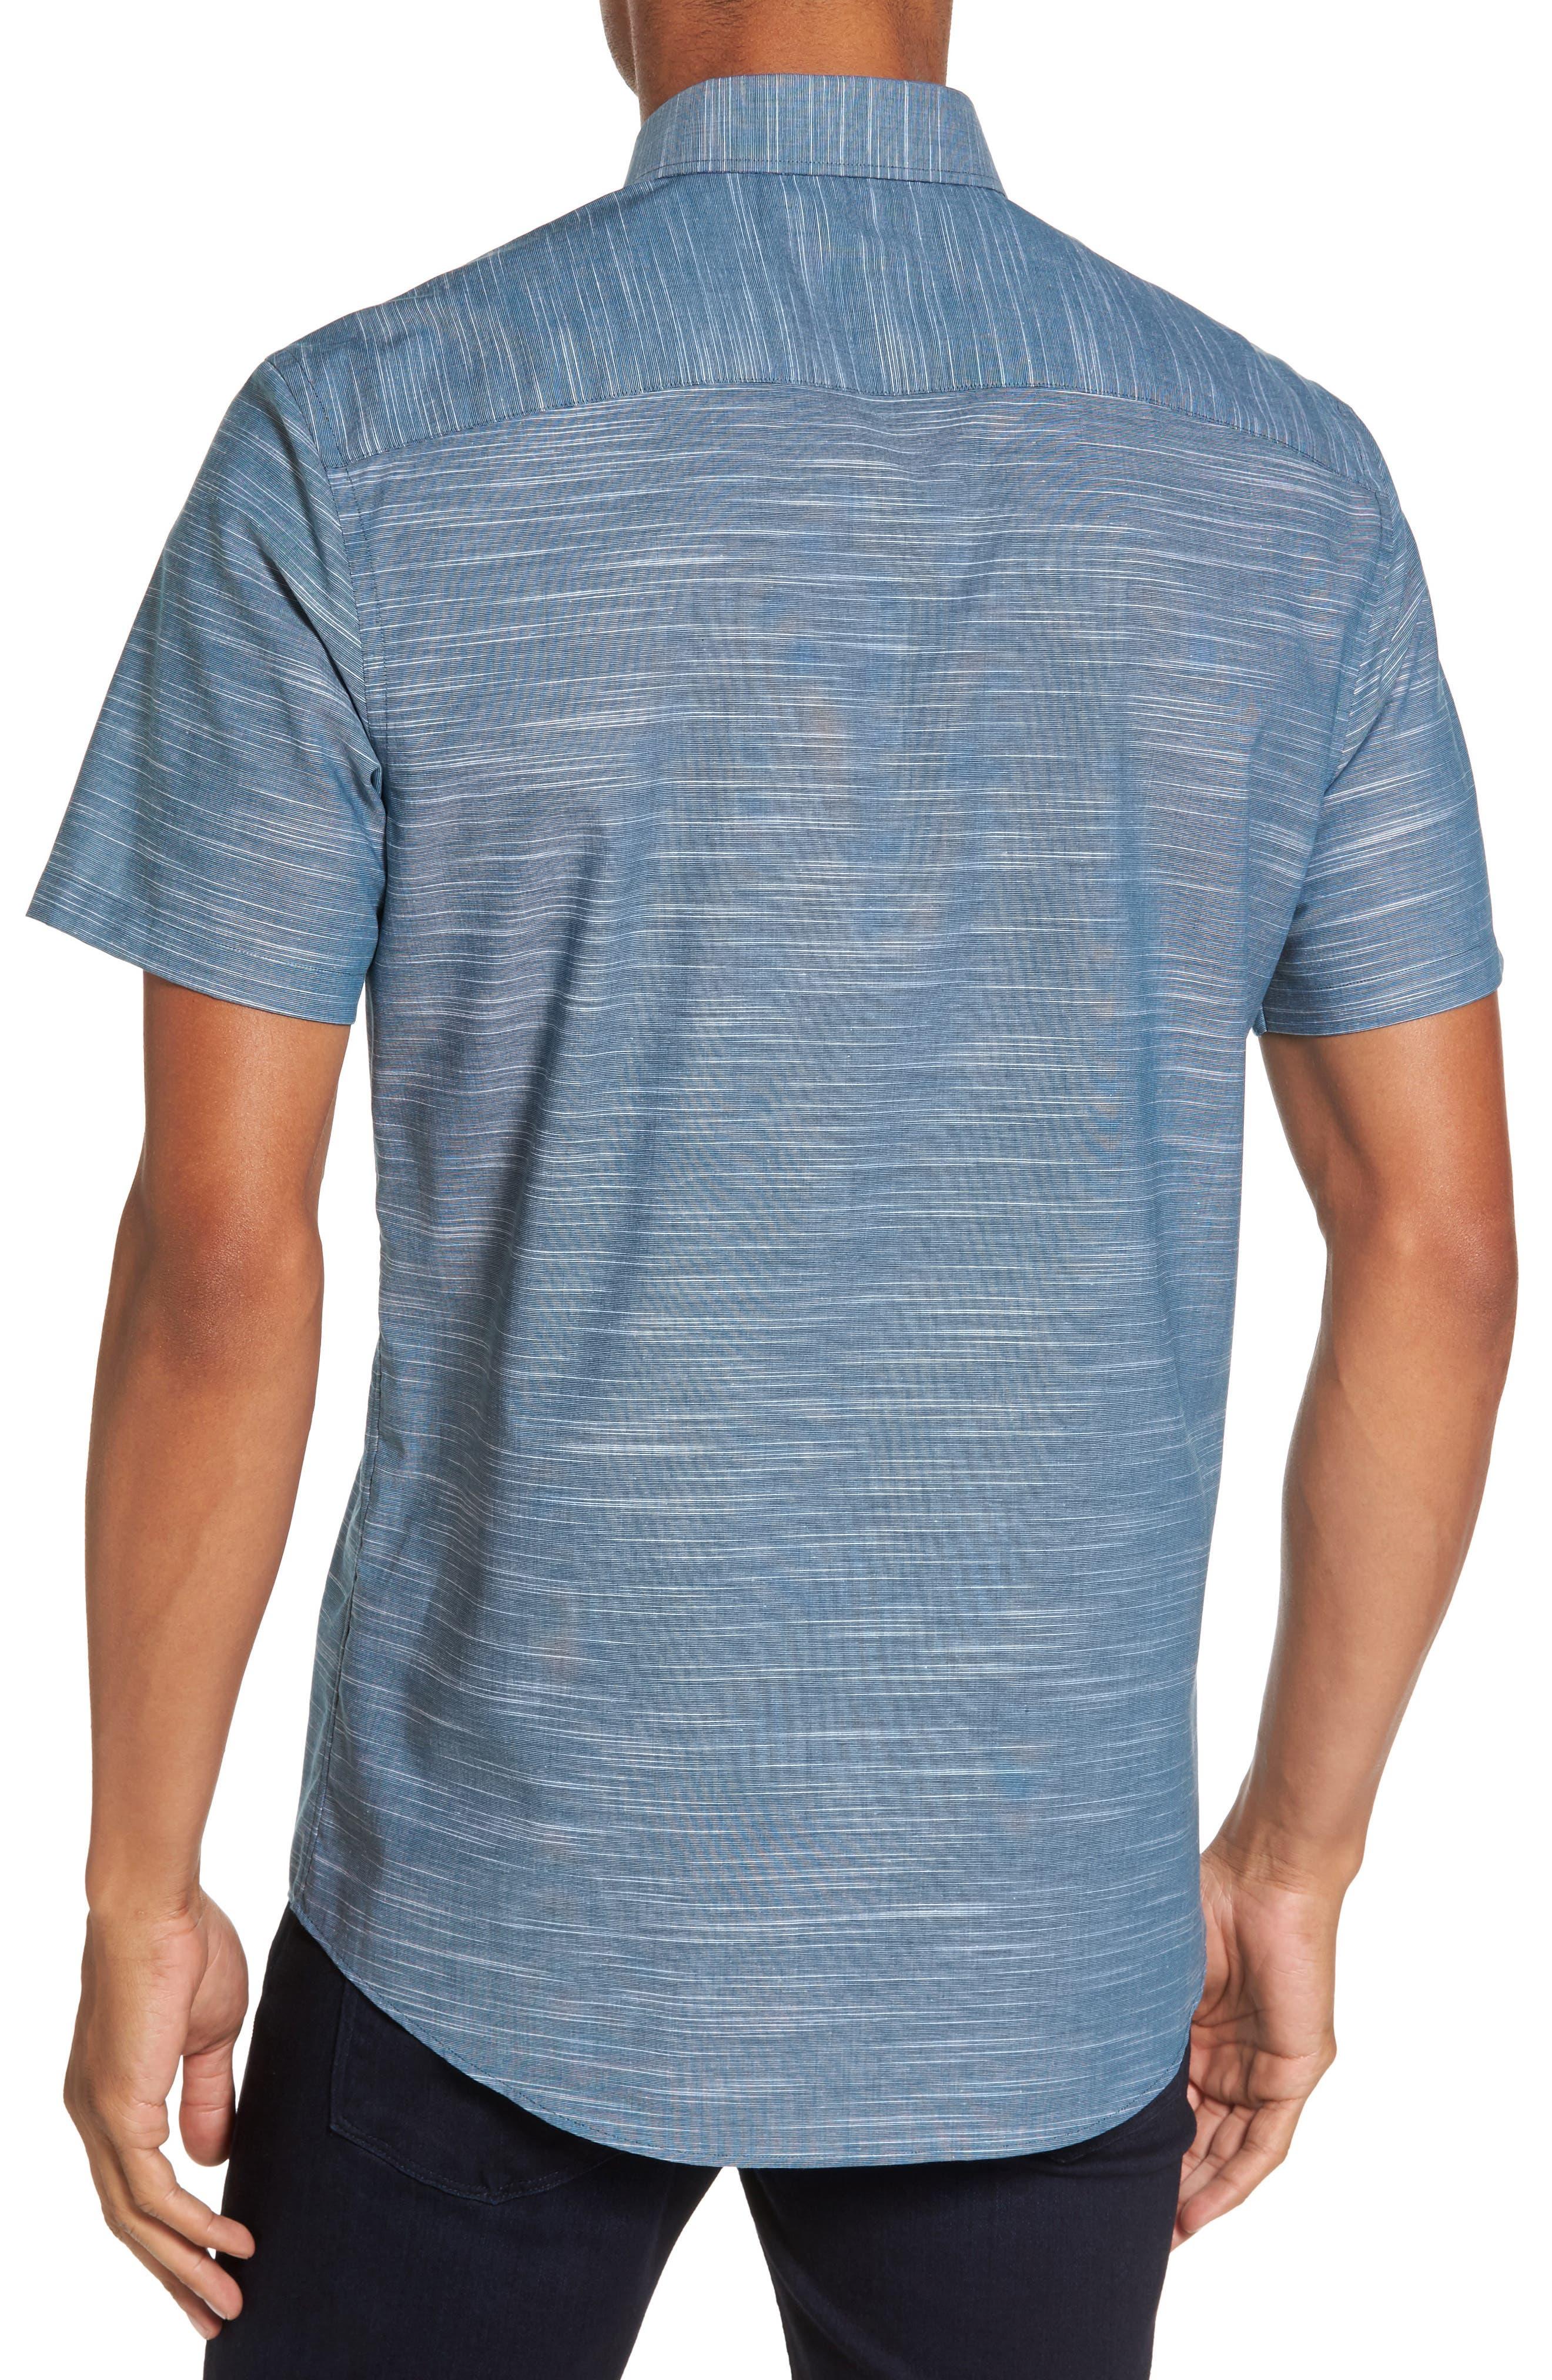 Calilbrate Slim Fit Slub Woven Shirt,                             Alternate thumbnail 4, color,